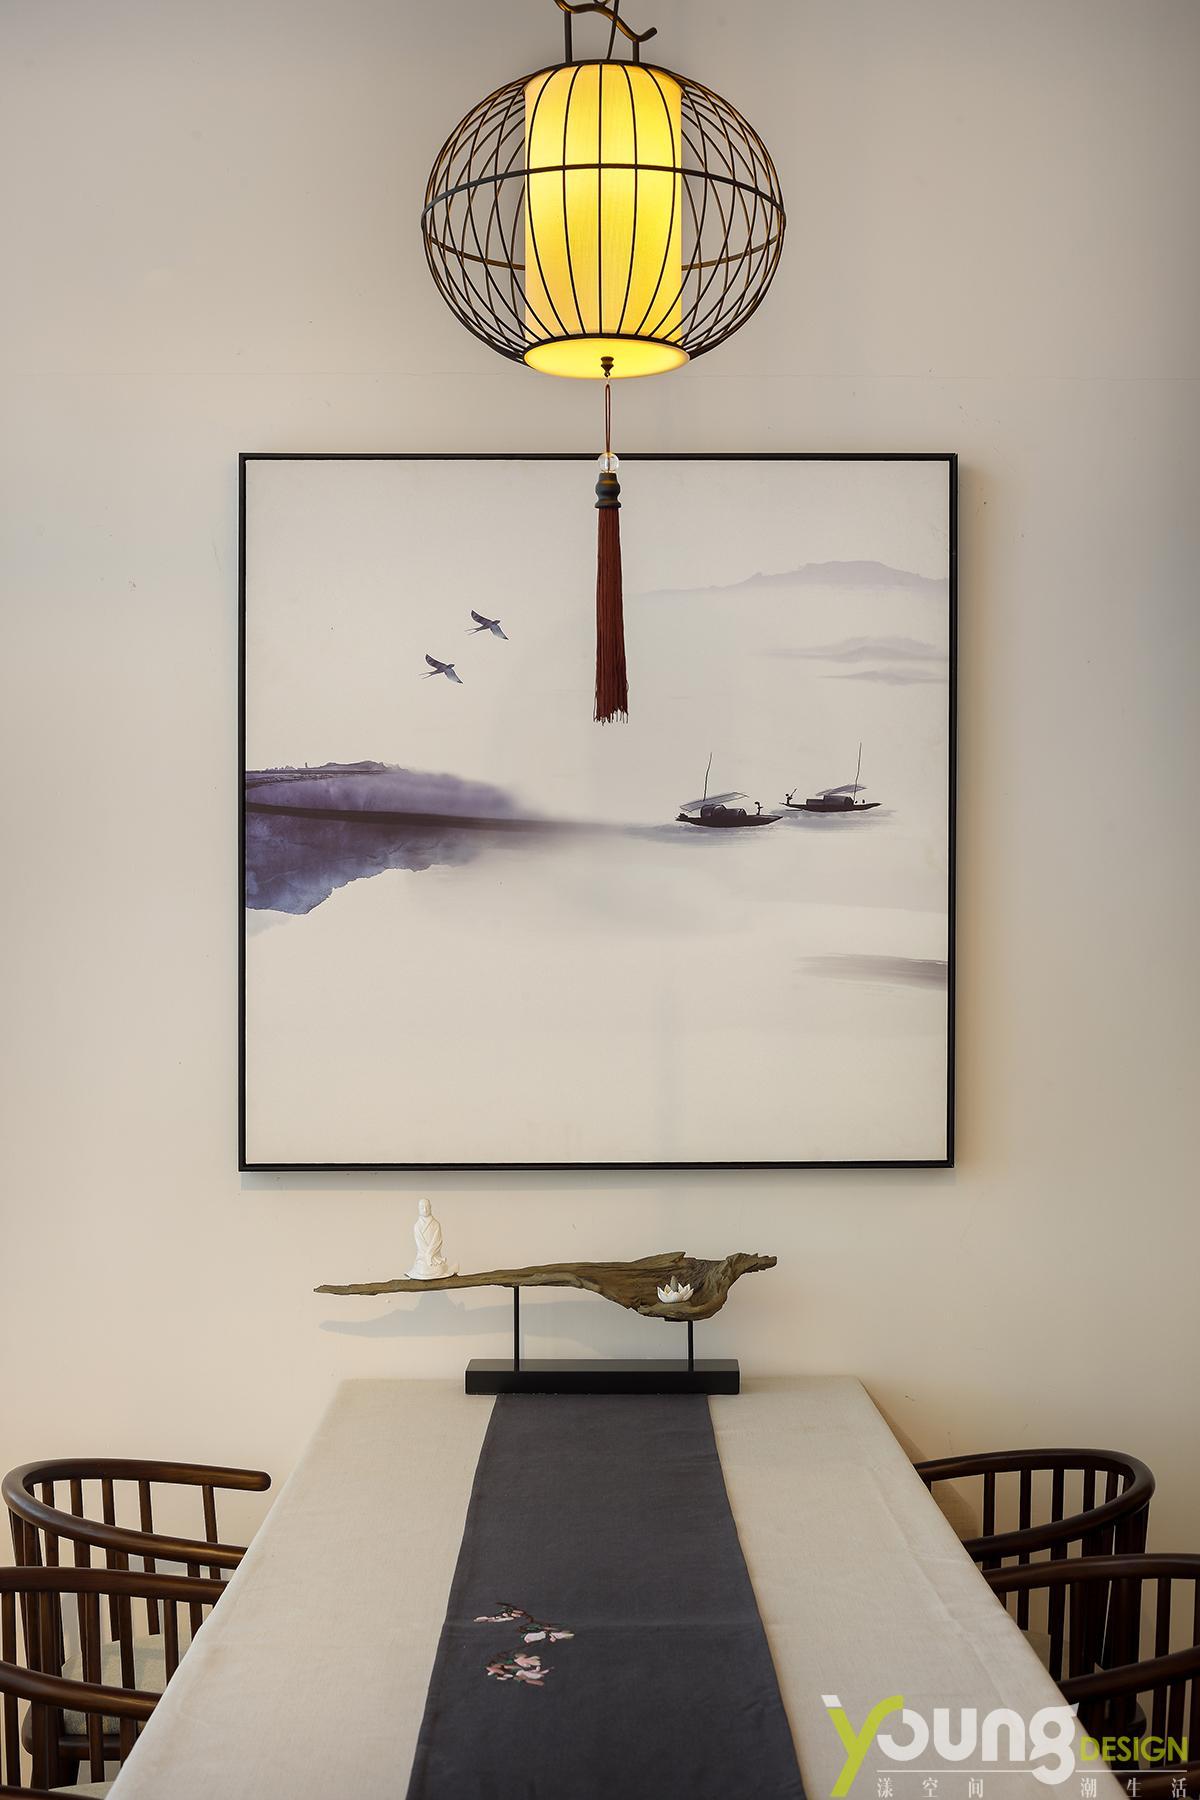 【深圳漾空间设计有限公司】漾设计《禅茶一味》深圳1980文化产业创意园——有设计需求可联系VX13922880680。